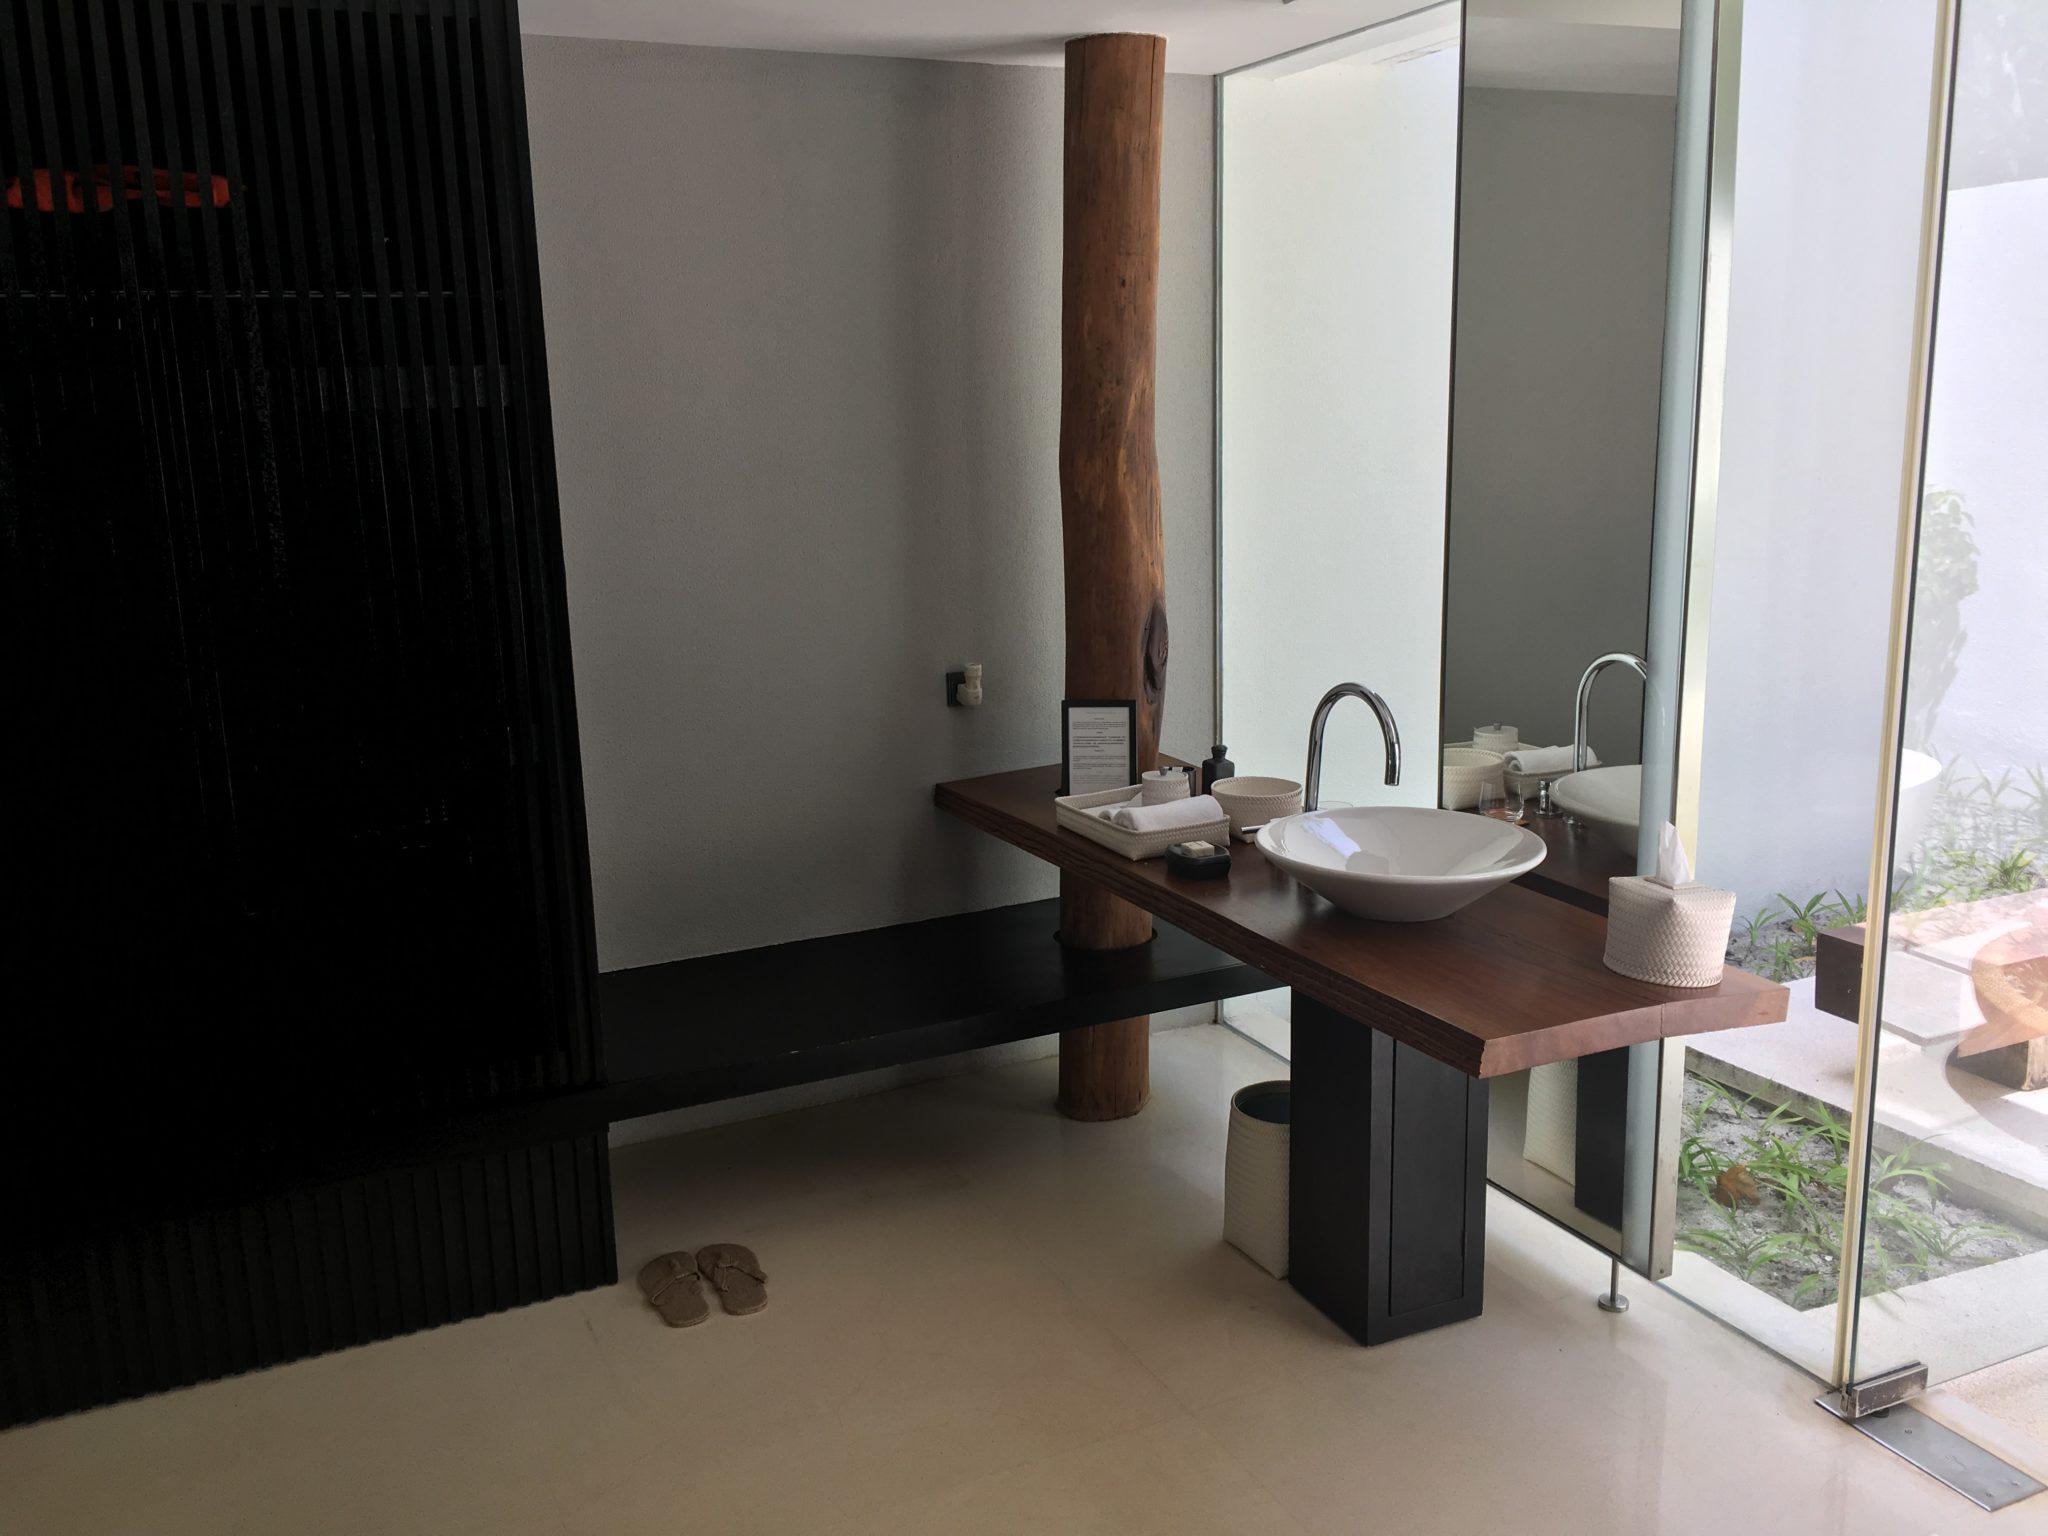 Park Pool Villa 'his' bathroom area